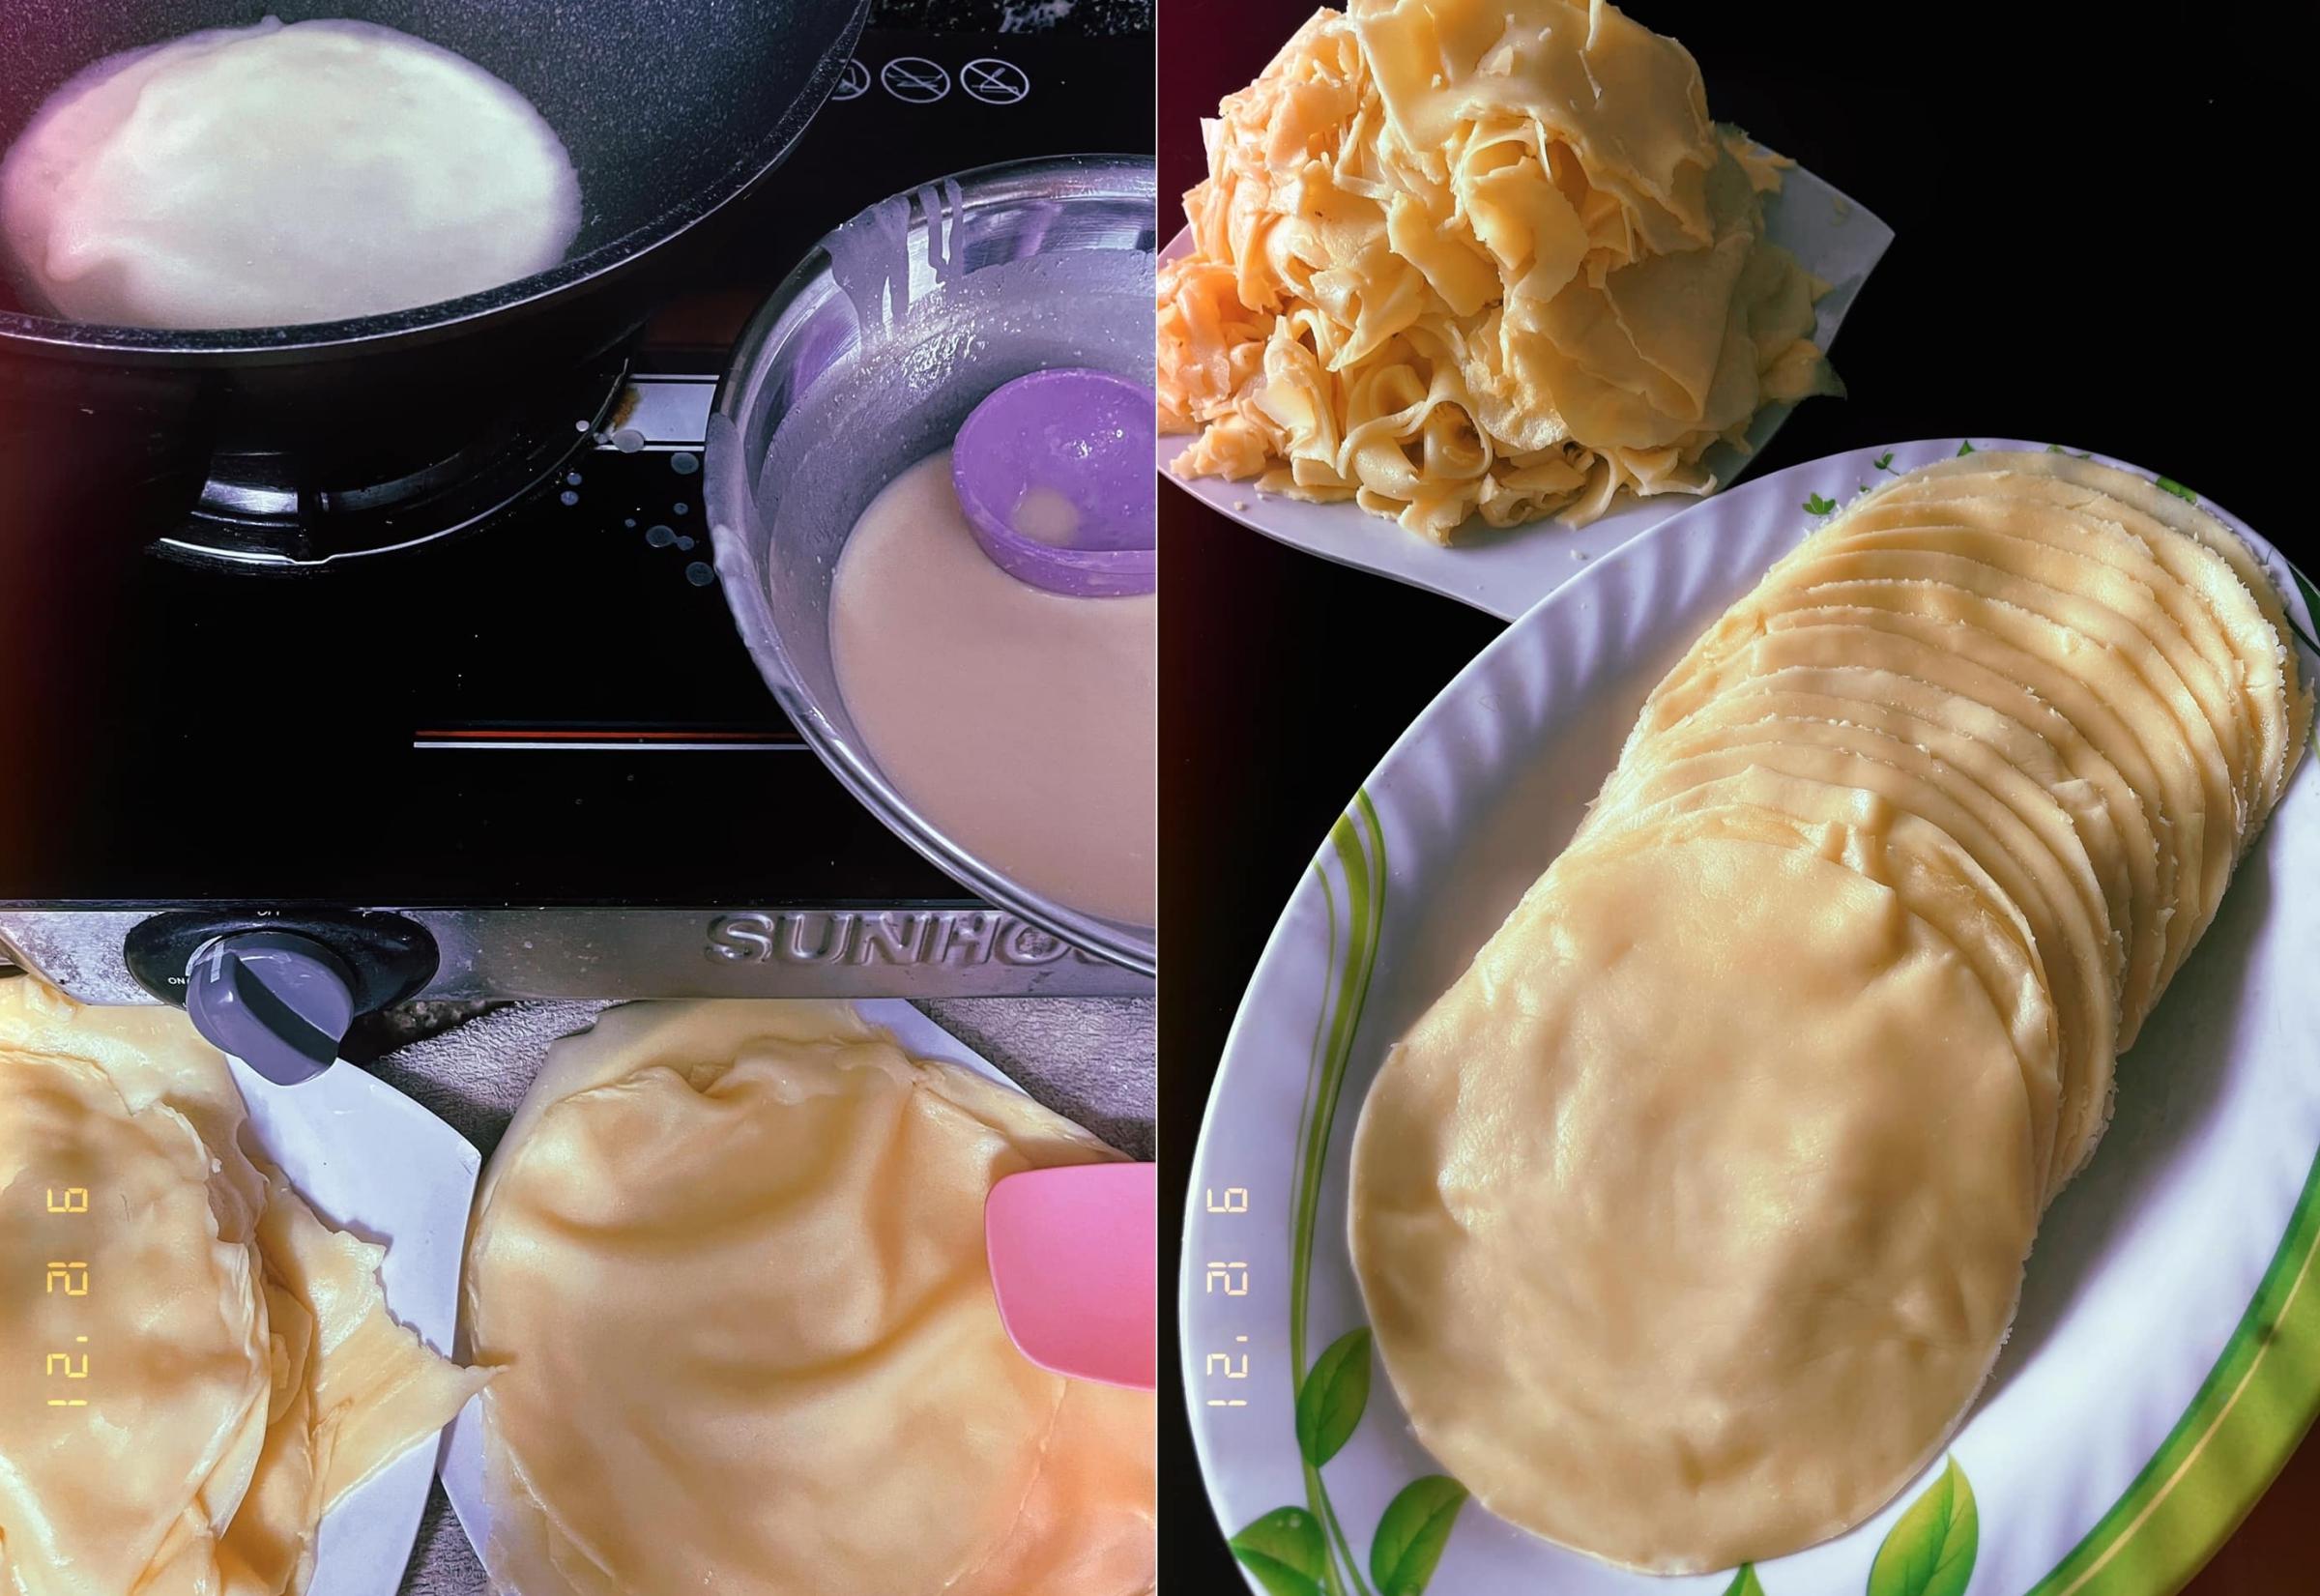 BB Trần mua một quả sầu riêng làm bốn món bánh - 1